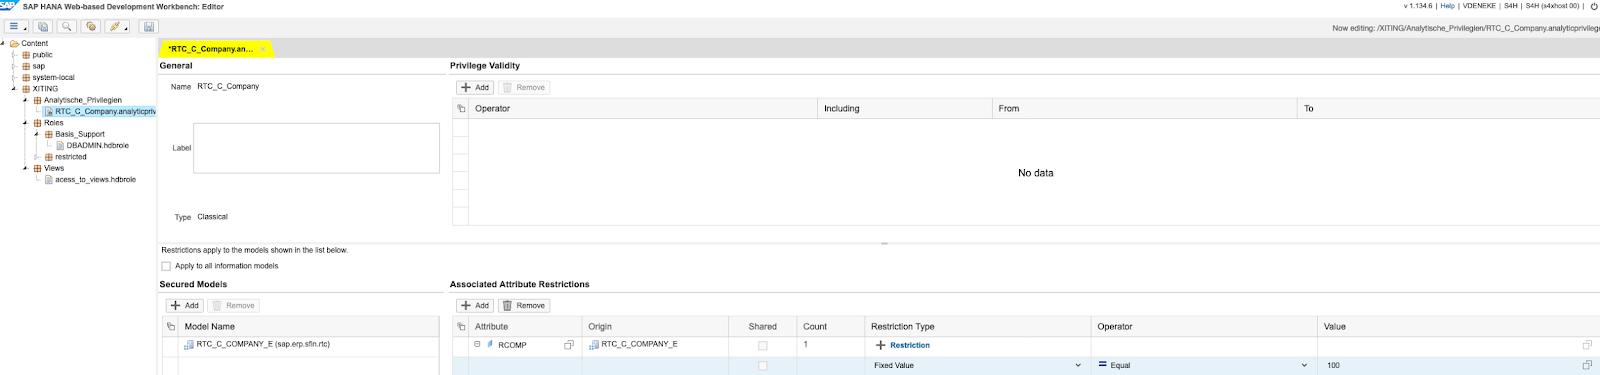 Ein Bild, das Screenshot, Monitor, Computer, Video enthält.Automatisch generierte Beschreibung